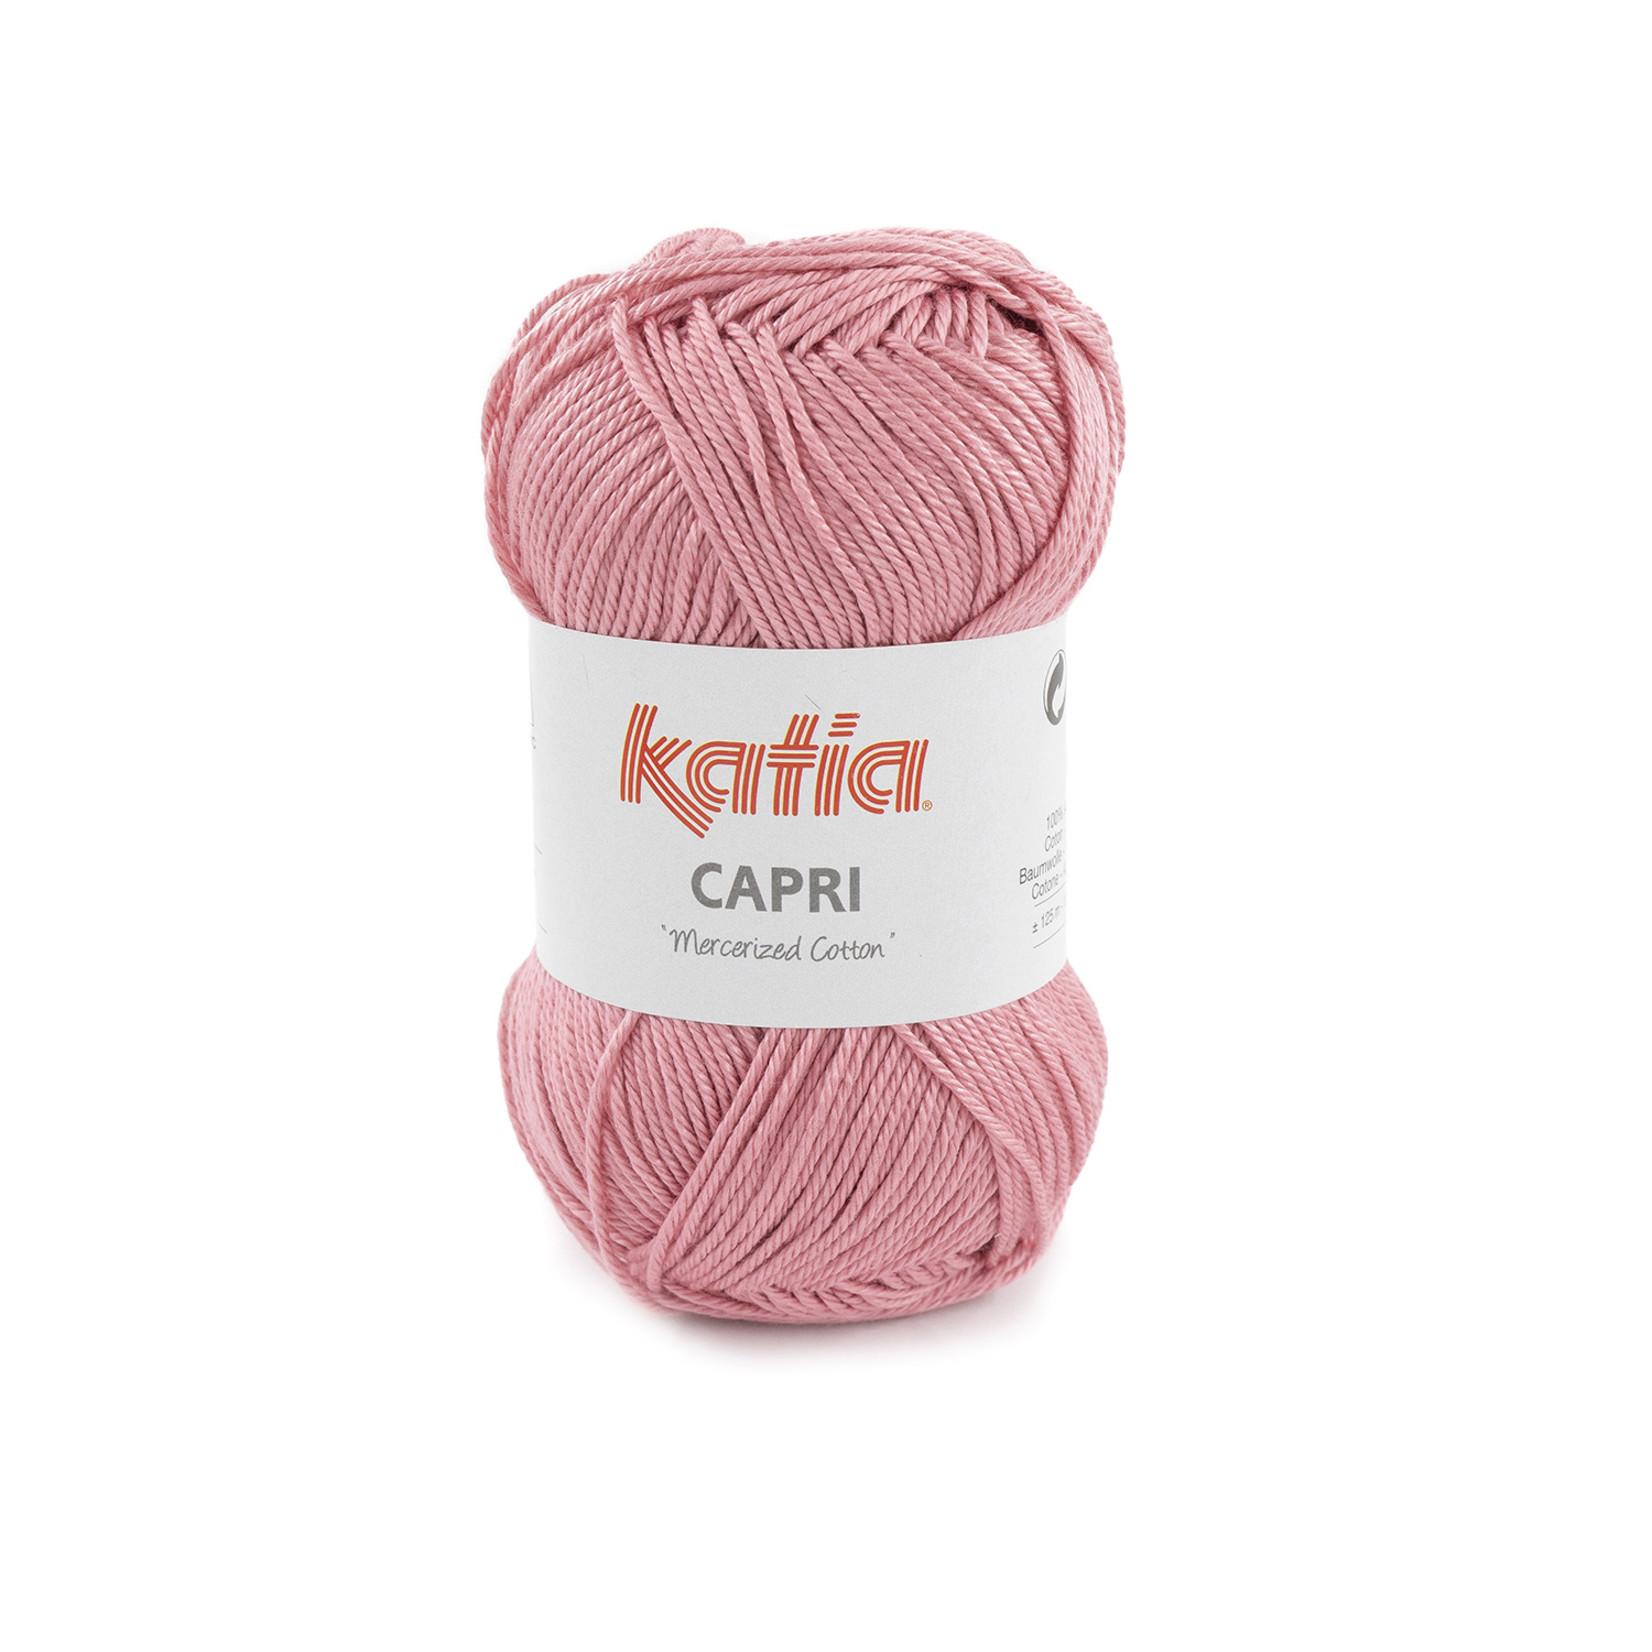 Katia Katia Capri - kleur 183 Zalmrood- 50 gr. = 125 m. - 100% katoen